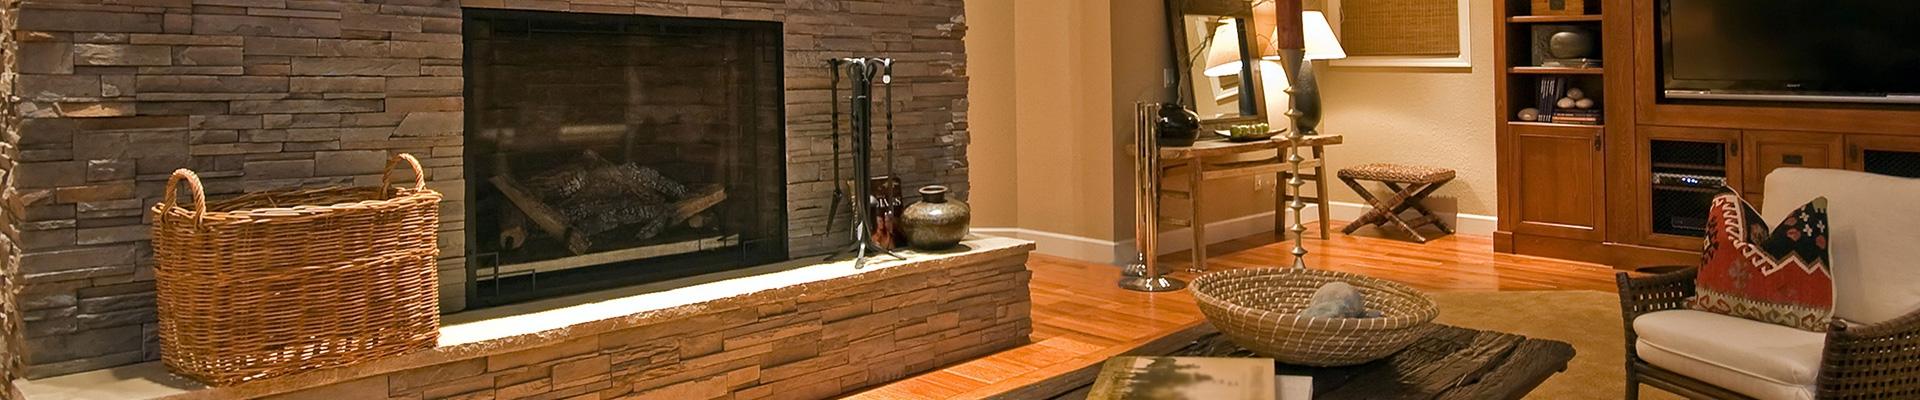 Μεταμορφώστε το περιβάλλον σας σε μια χαλαρή, ζεστή και ευχάριστη ατμόσφαιρα...